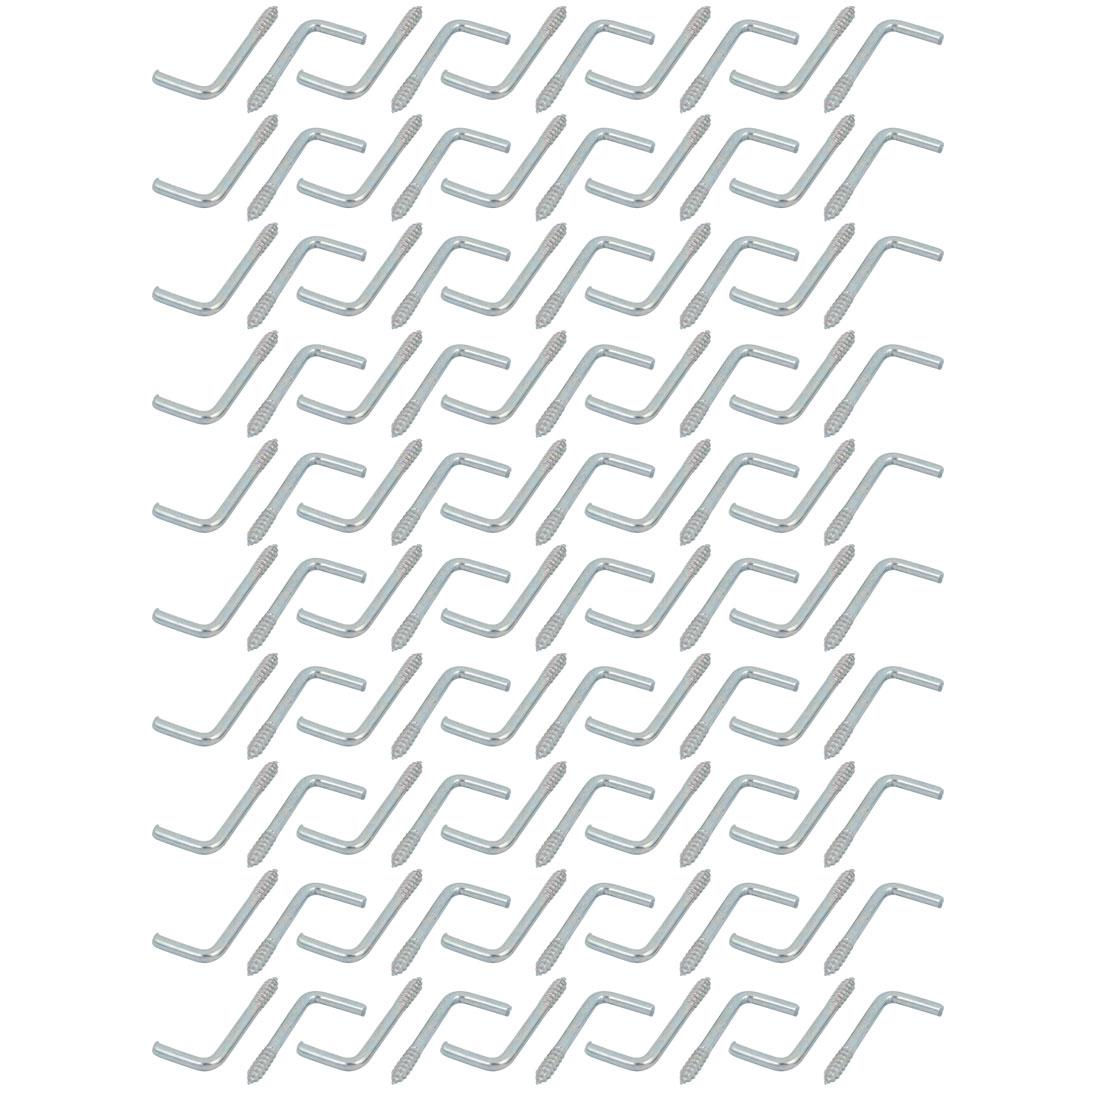 Long 34mm acier carbone zingué, forme aide vis autotaraudeuses 100pc - image 2 de 2